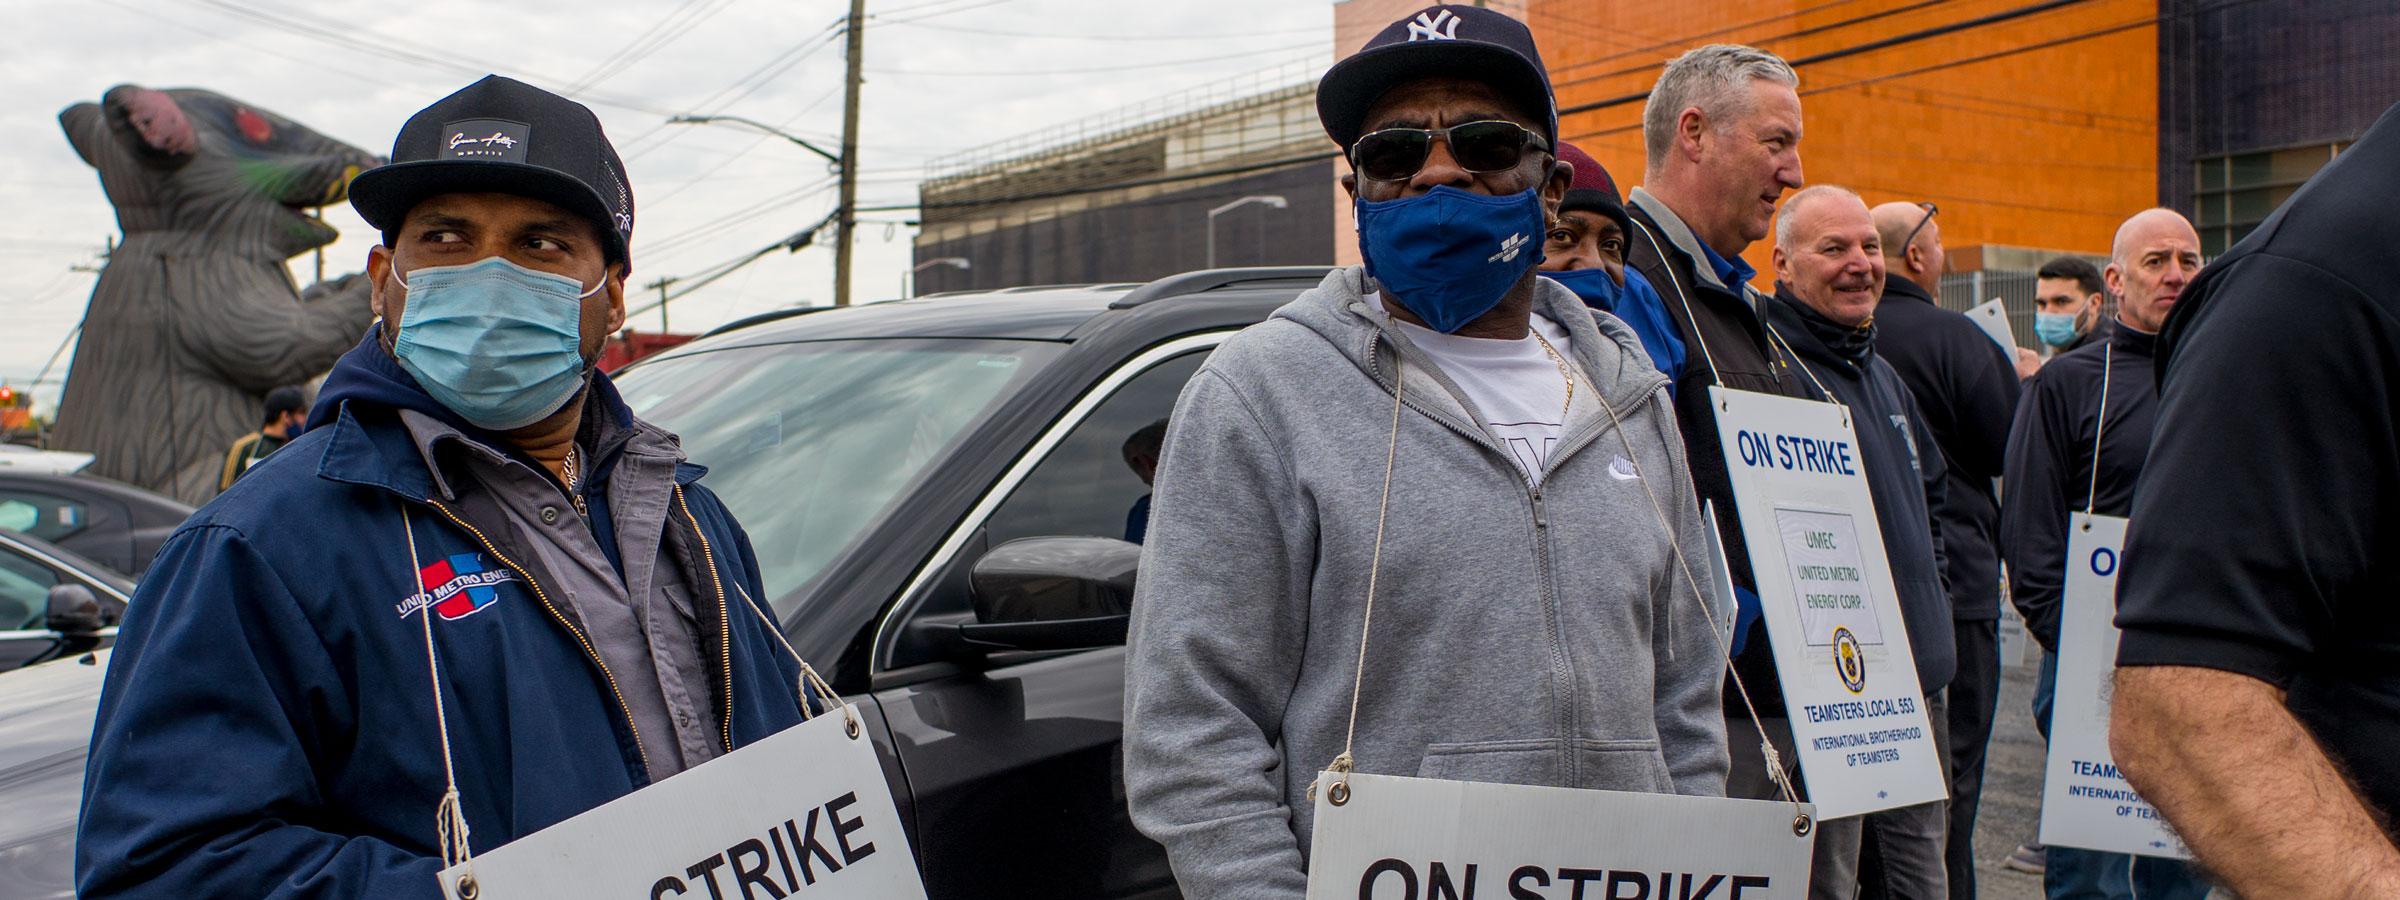 Essential Workers on Strike in Brooklyn